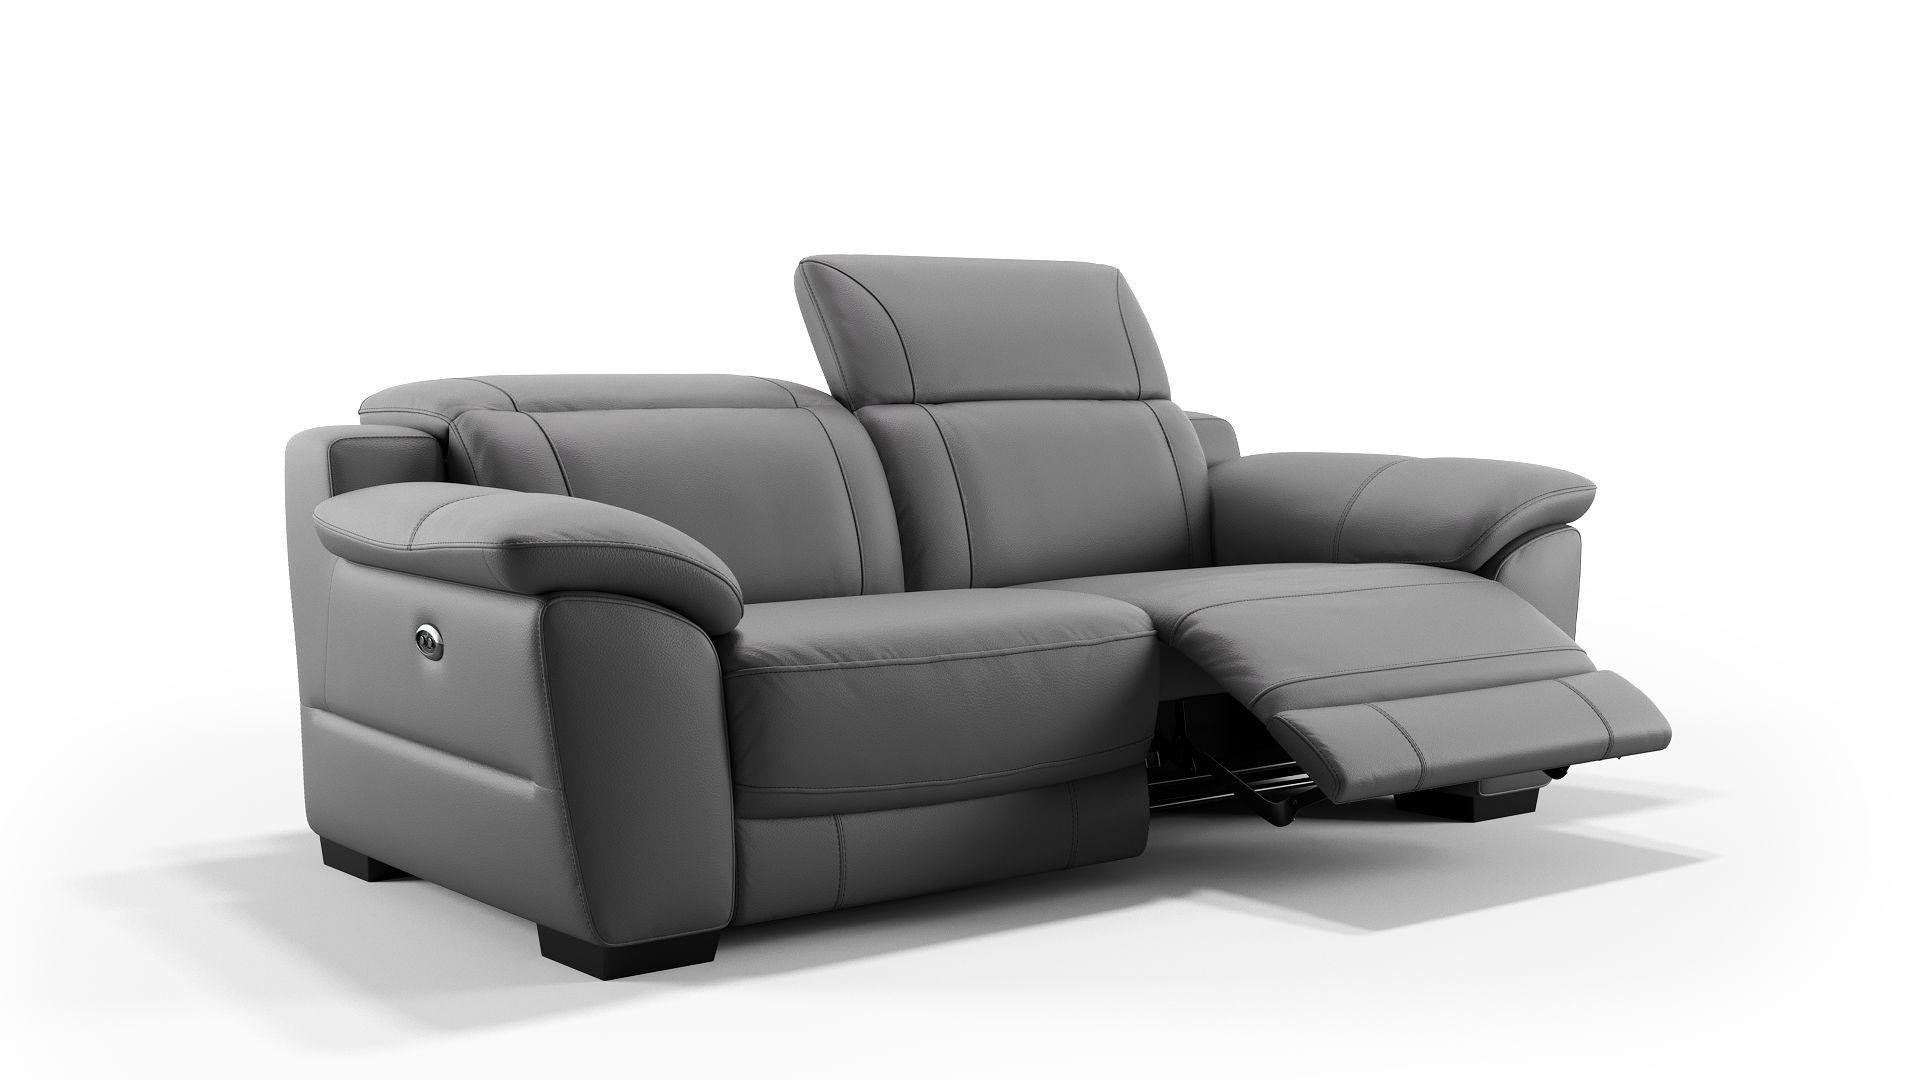 Faszinierend Couch Relaxfunktion Dekoration Von Details Elektrische Per Knopfdruck An Beiden Sitzen